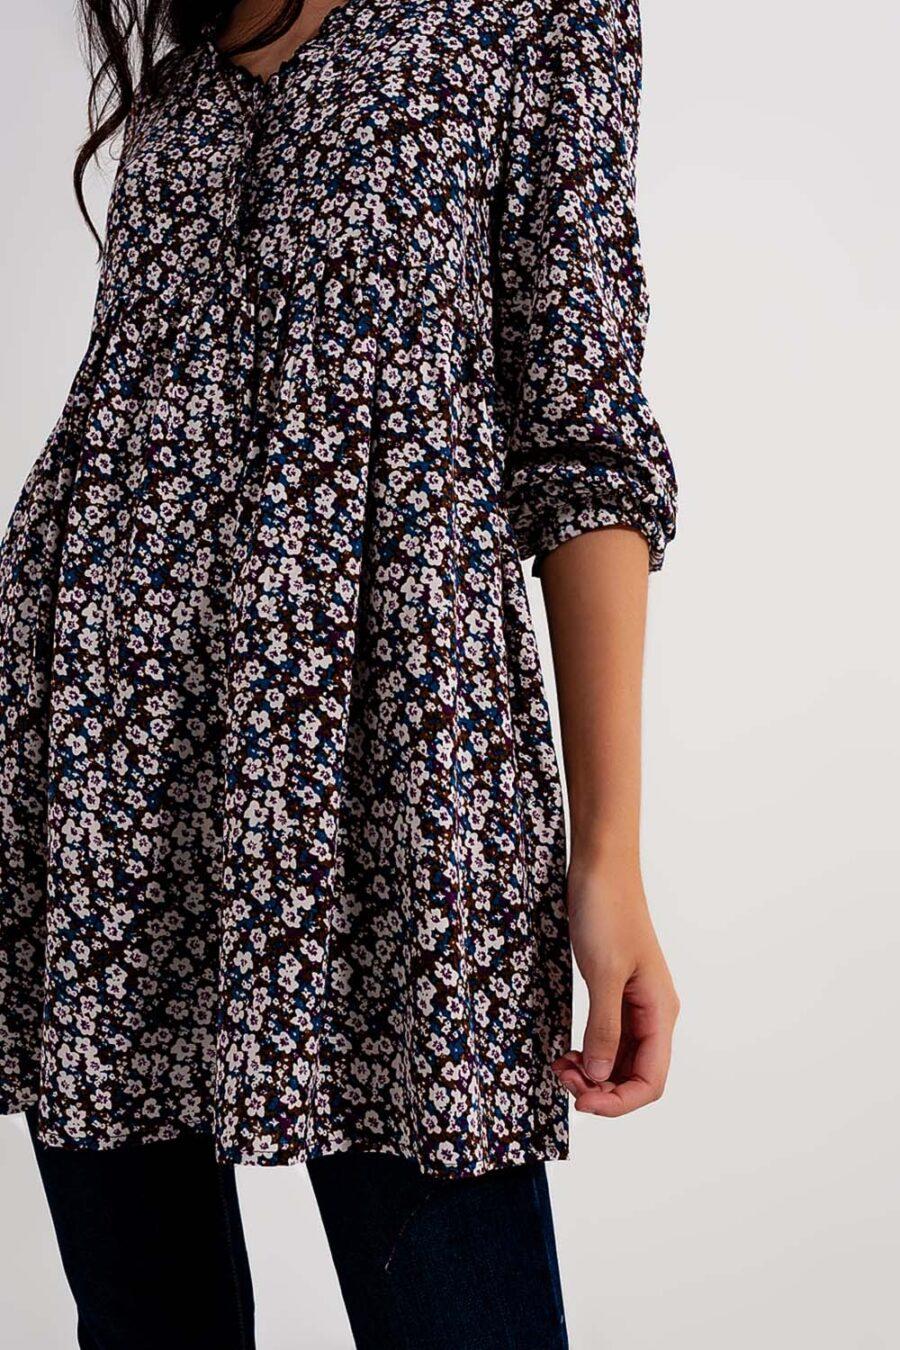 """<p id=""""description"""">¡Enamórate del vestido más favorecedor de esta temporada! Este mini vestido con botones te hará sentir como si estuvieras viviendo en el otoño. Fabricado en un cómodo tejido este minivestido es perfecto para la transición de tu armario a los meses más fríos que se avecinan. Combínalo con botas y un suéter para conseguir un look elegante y sin esfuerzo.</p> <div id=""""extra_info""""> <div id=""""composition"""">100% Viscosa Forro: 100% Poliester</div> <div id=""""model_size"""">La modelo lleva la talla S.</div> <div id=""""model_size""""></div> <div id=""""fit"""">La modelo mide: 82-62-90 Altura: 179.</div> <div id=""""fit"""">Talla normal.</div> <div id=""""fit"""">Corte Holgado.</div> <div id=""""fit"""">Largo: corto.</div> </div> Alabama Shop"""